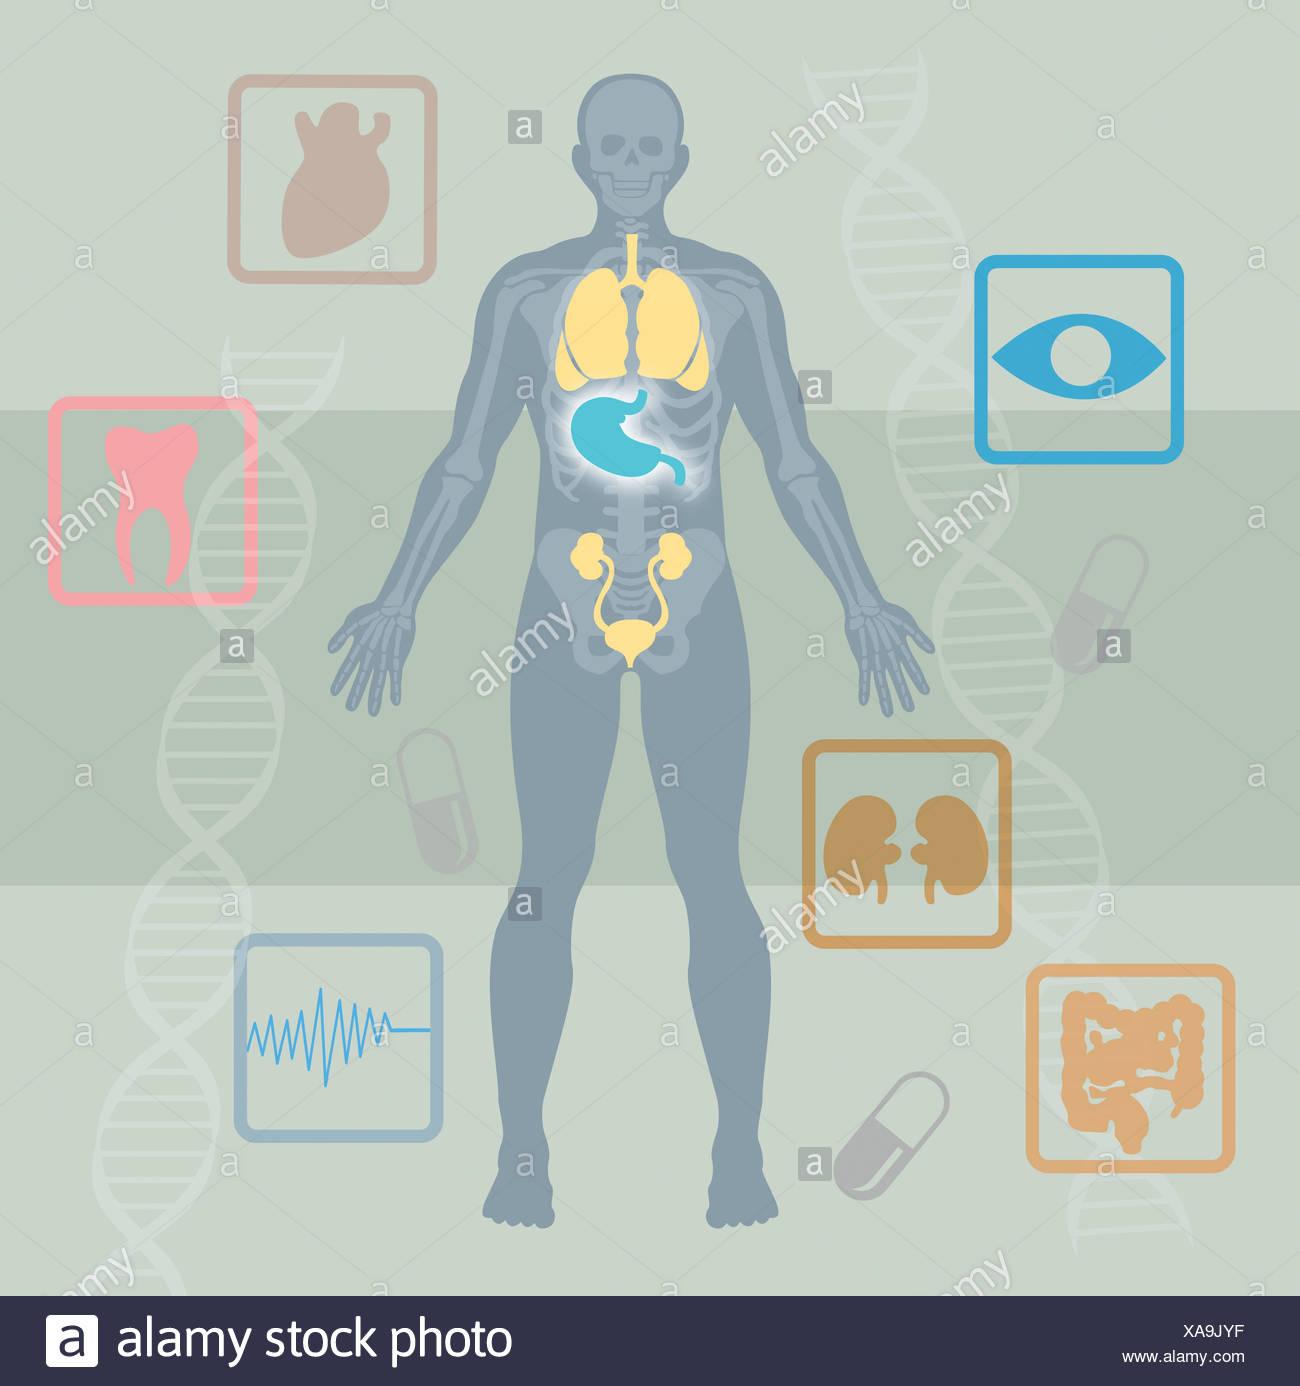 Ausgezeichnet Eine Schematische Darstellung Des Menschlichen Körpers ...